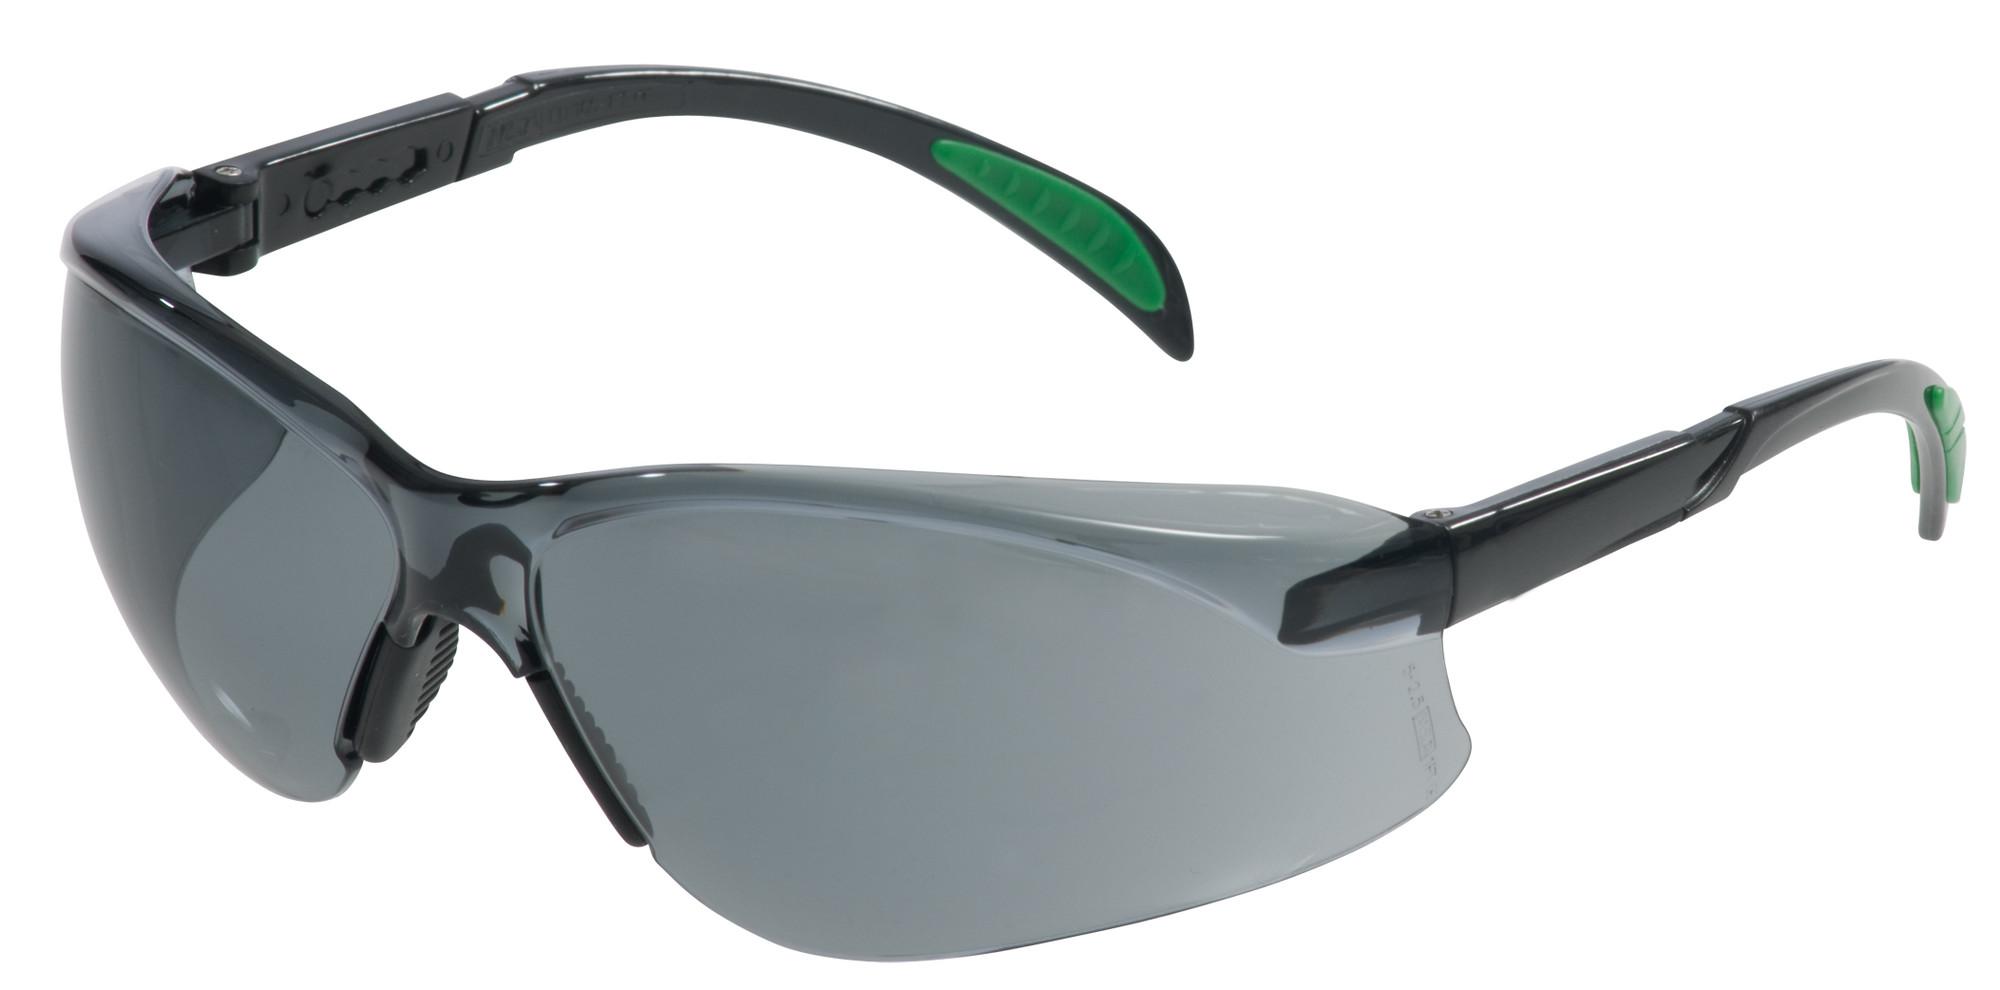 12ST MSA Veiligheidsbril Blockz smoke 10145572 (Donker)